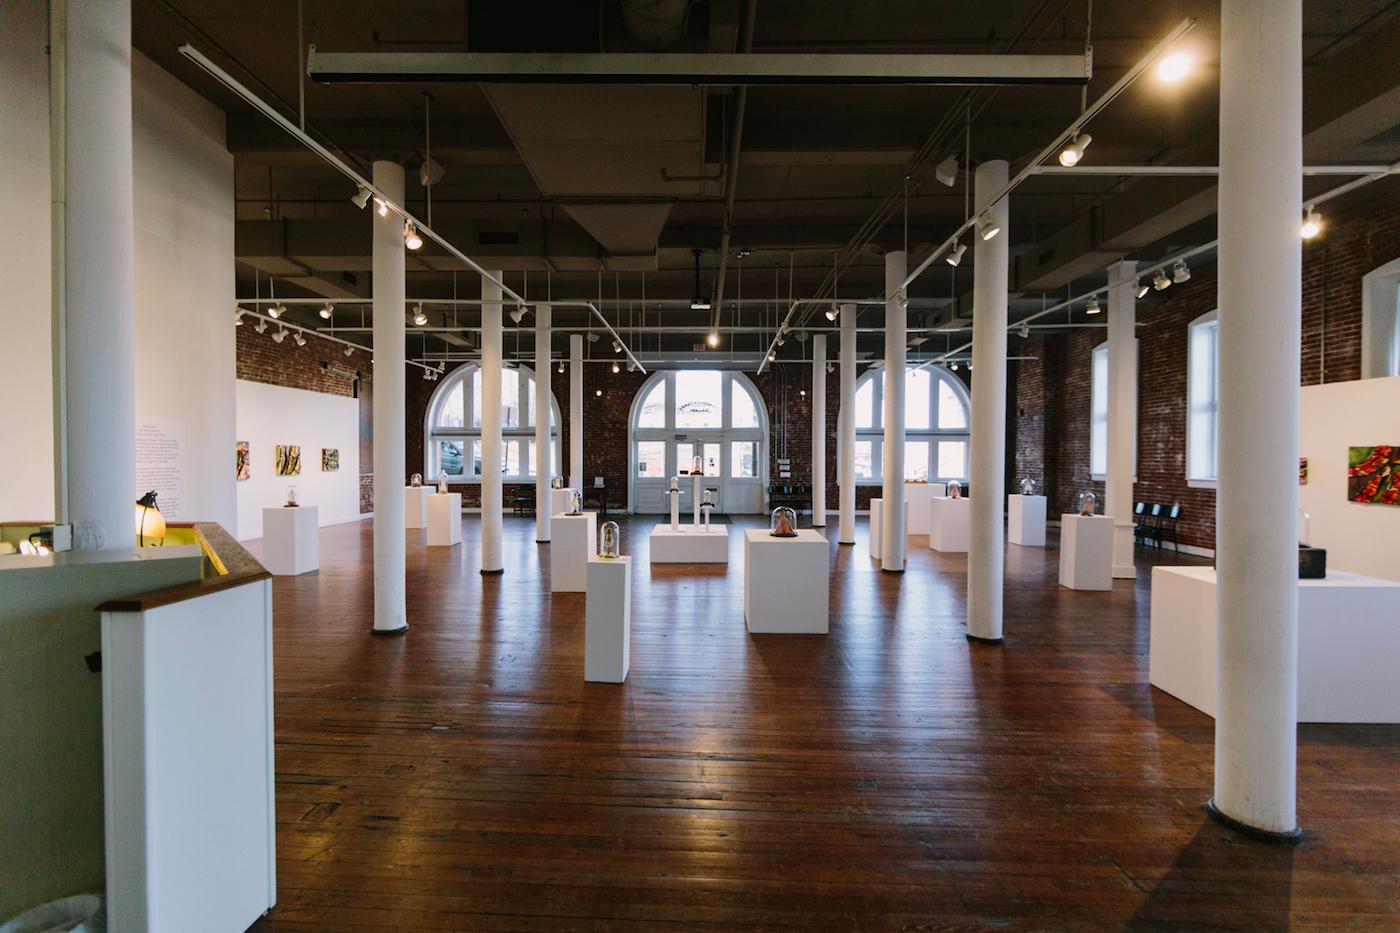 Craddock Terry Gallery